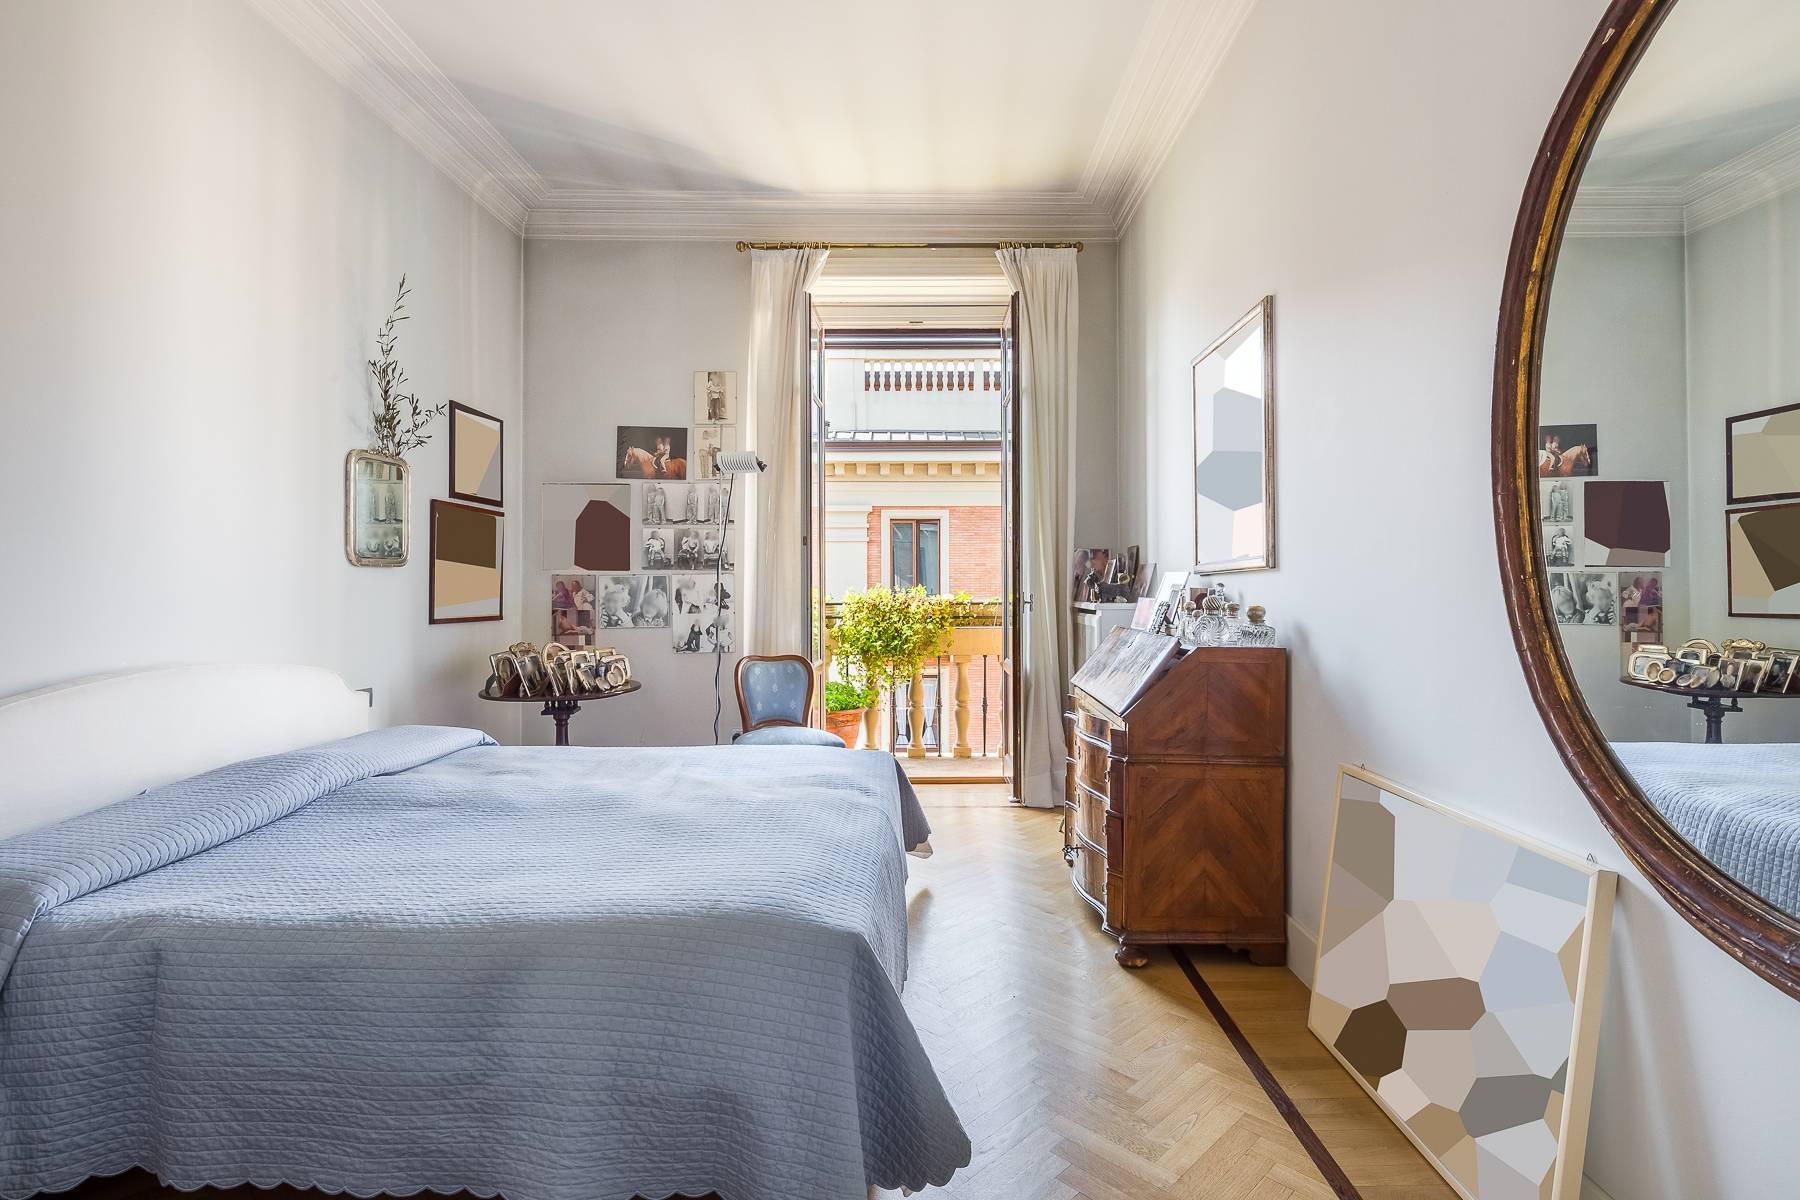 Appartamento esclusivo di 200 mq in nuda proprietà in un palazzo d'epoca - 9